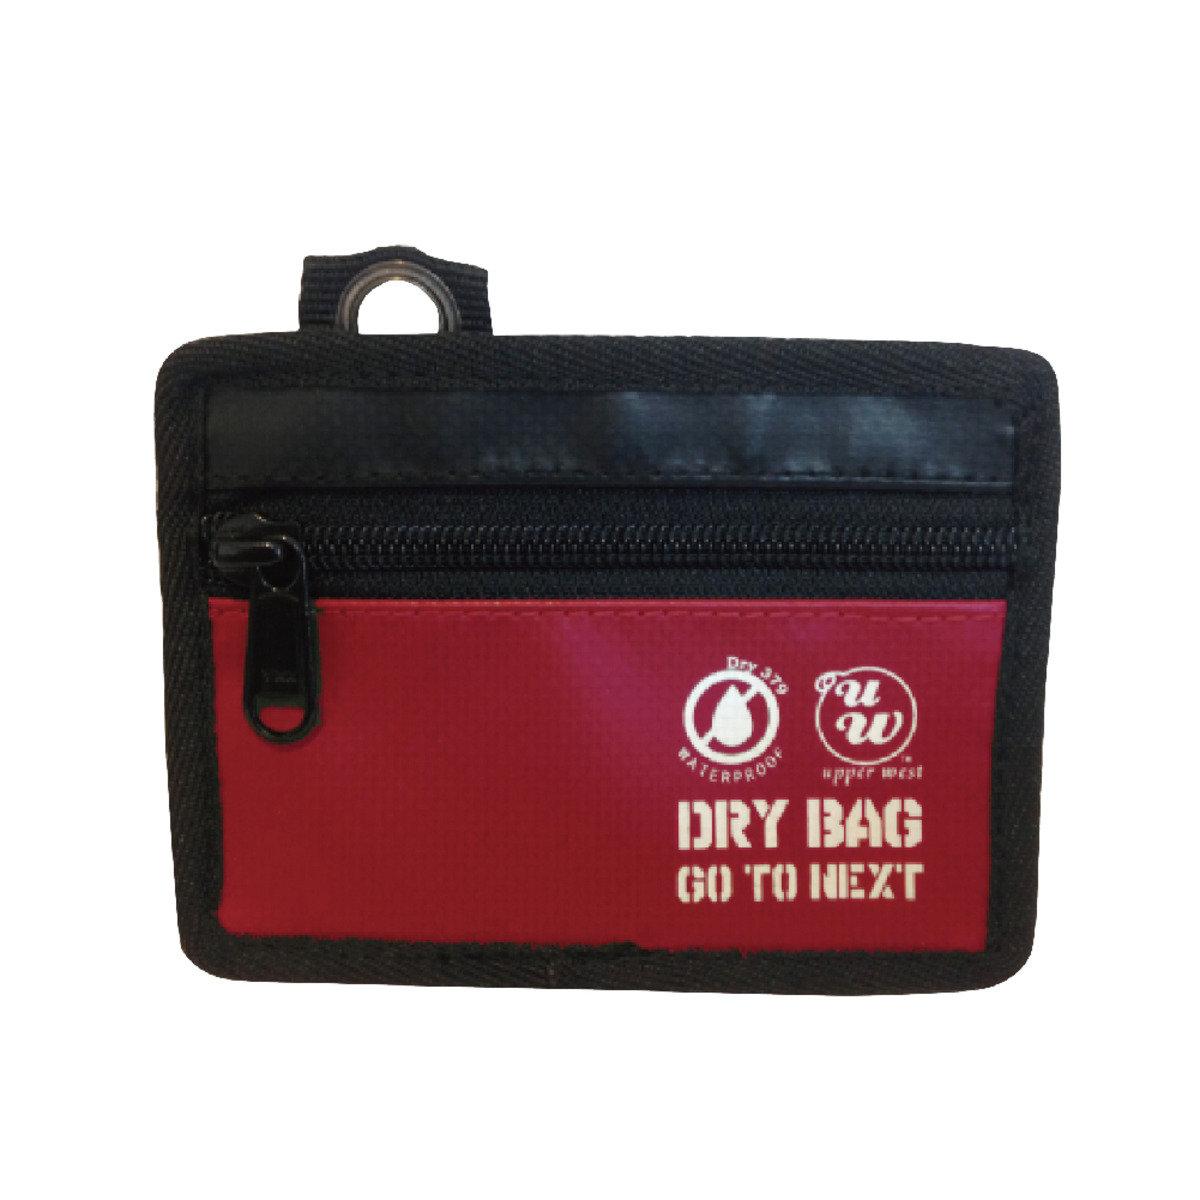 零錢包 - 紅色